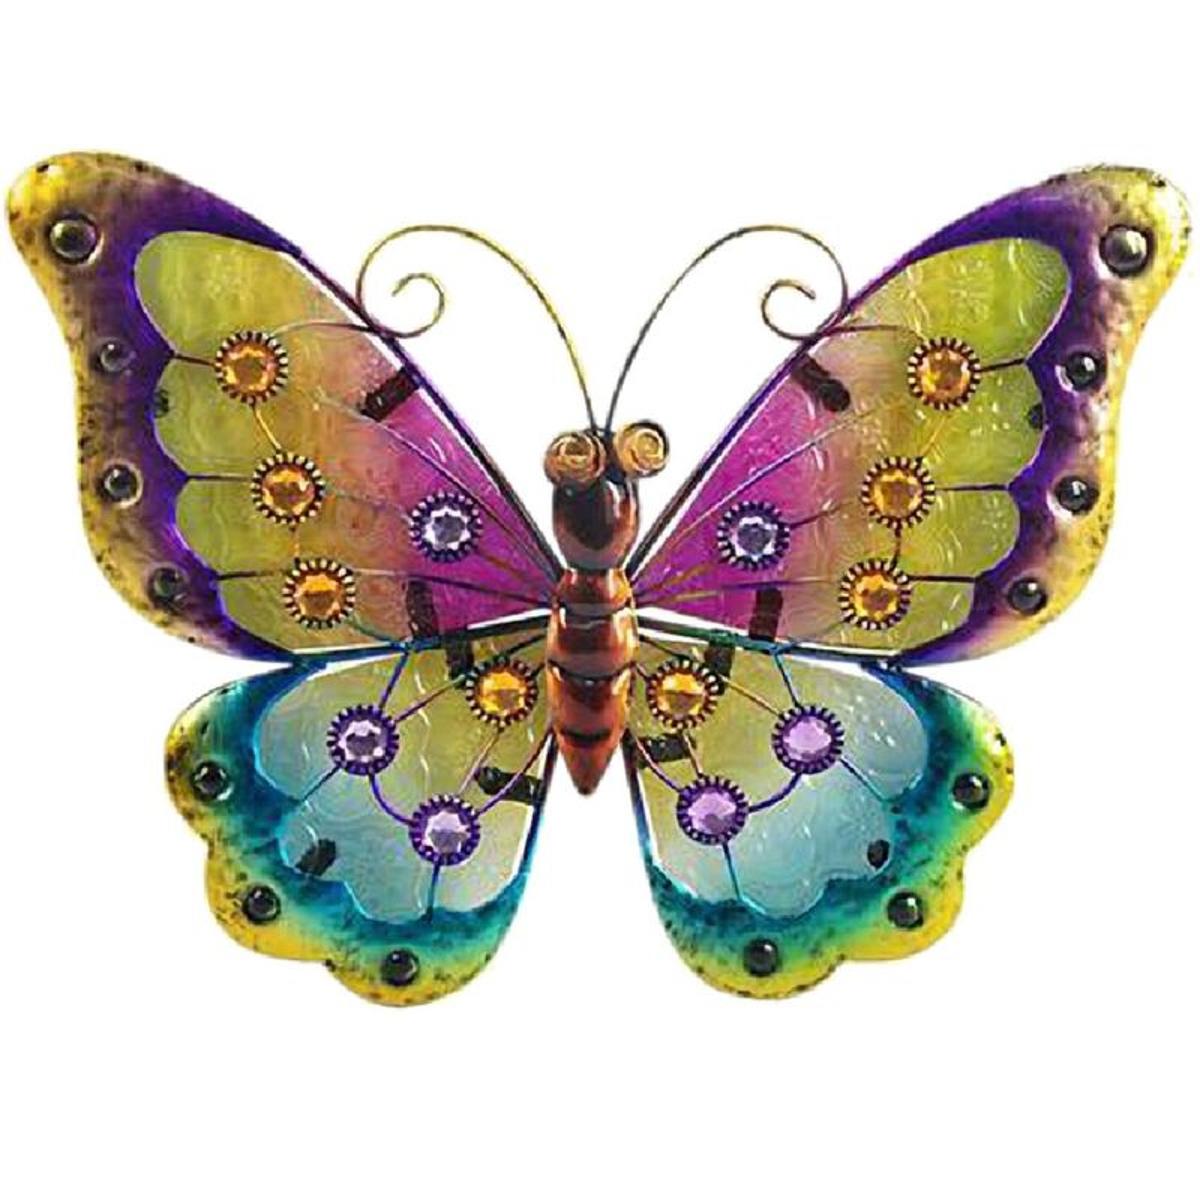 Papillon déco murale 21 x 24 cm - modèle multicolore